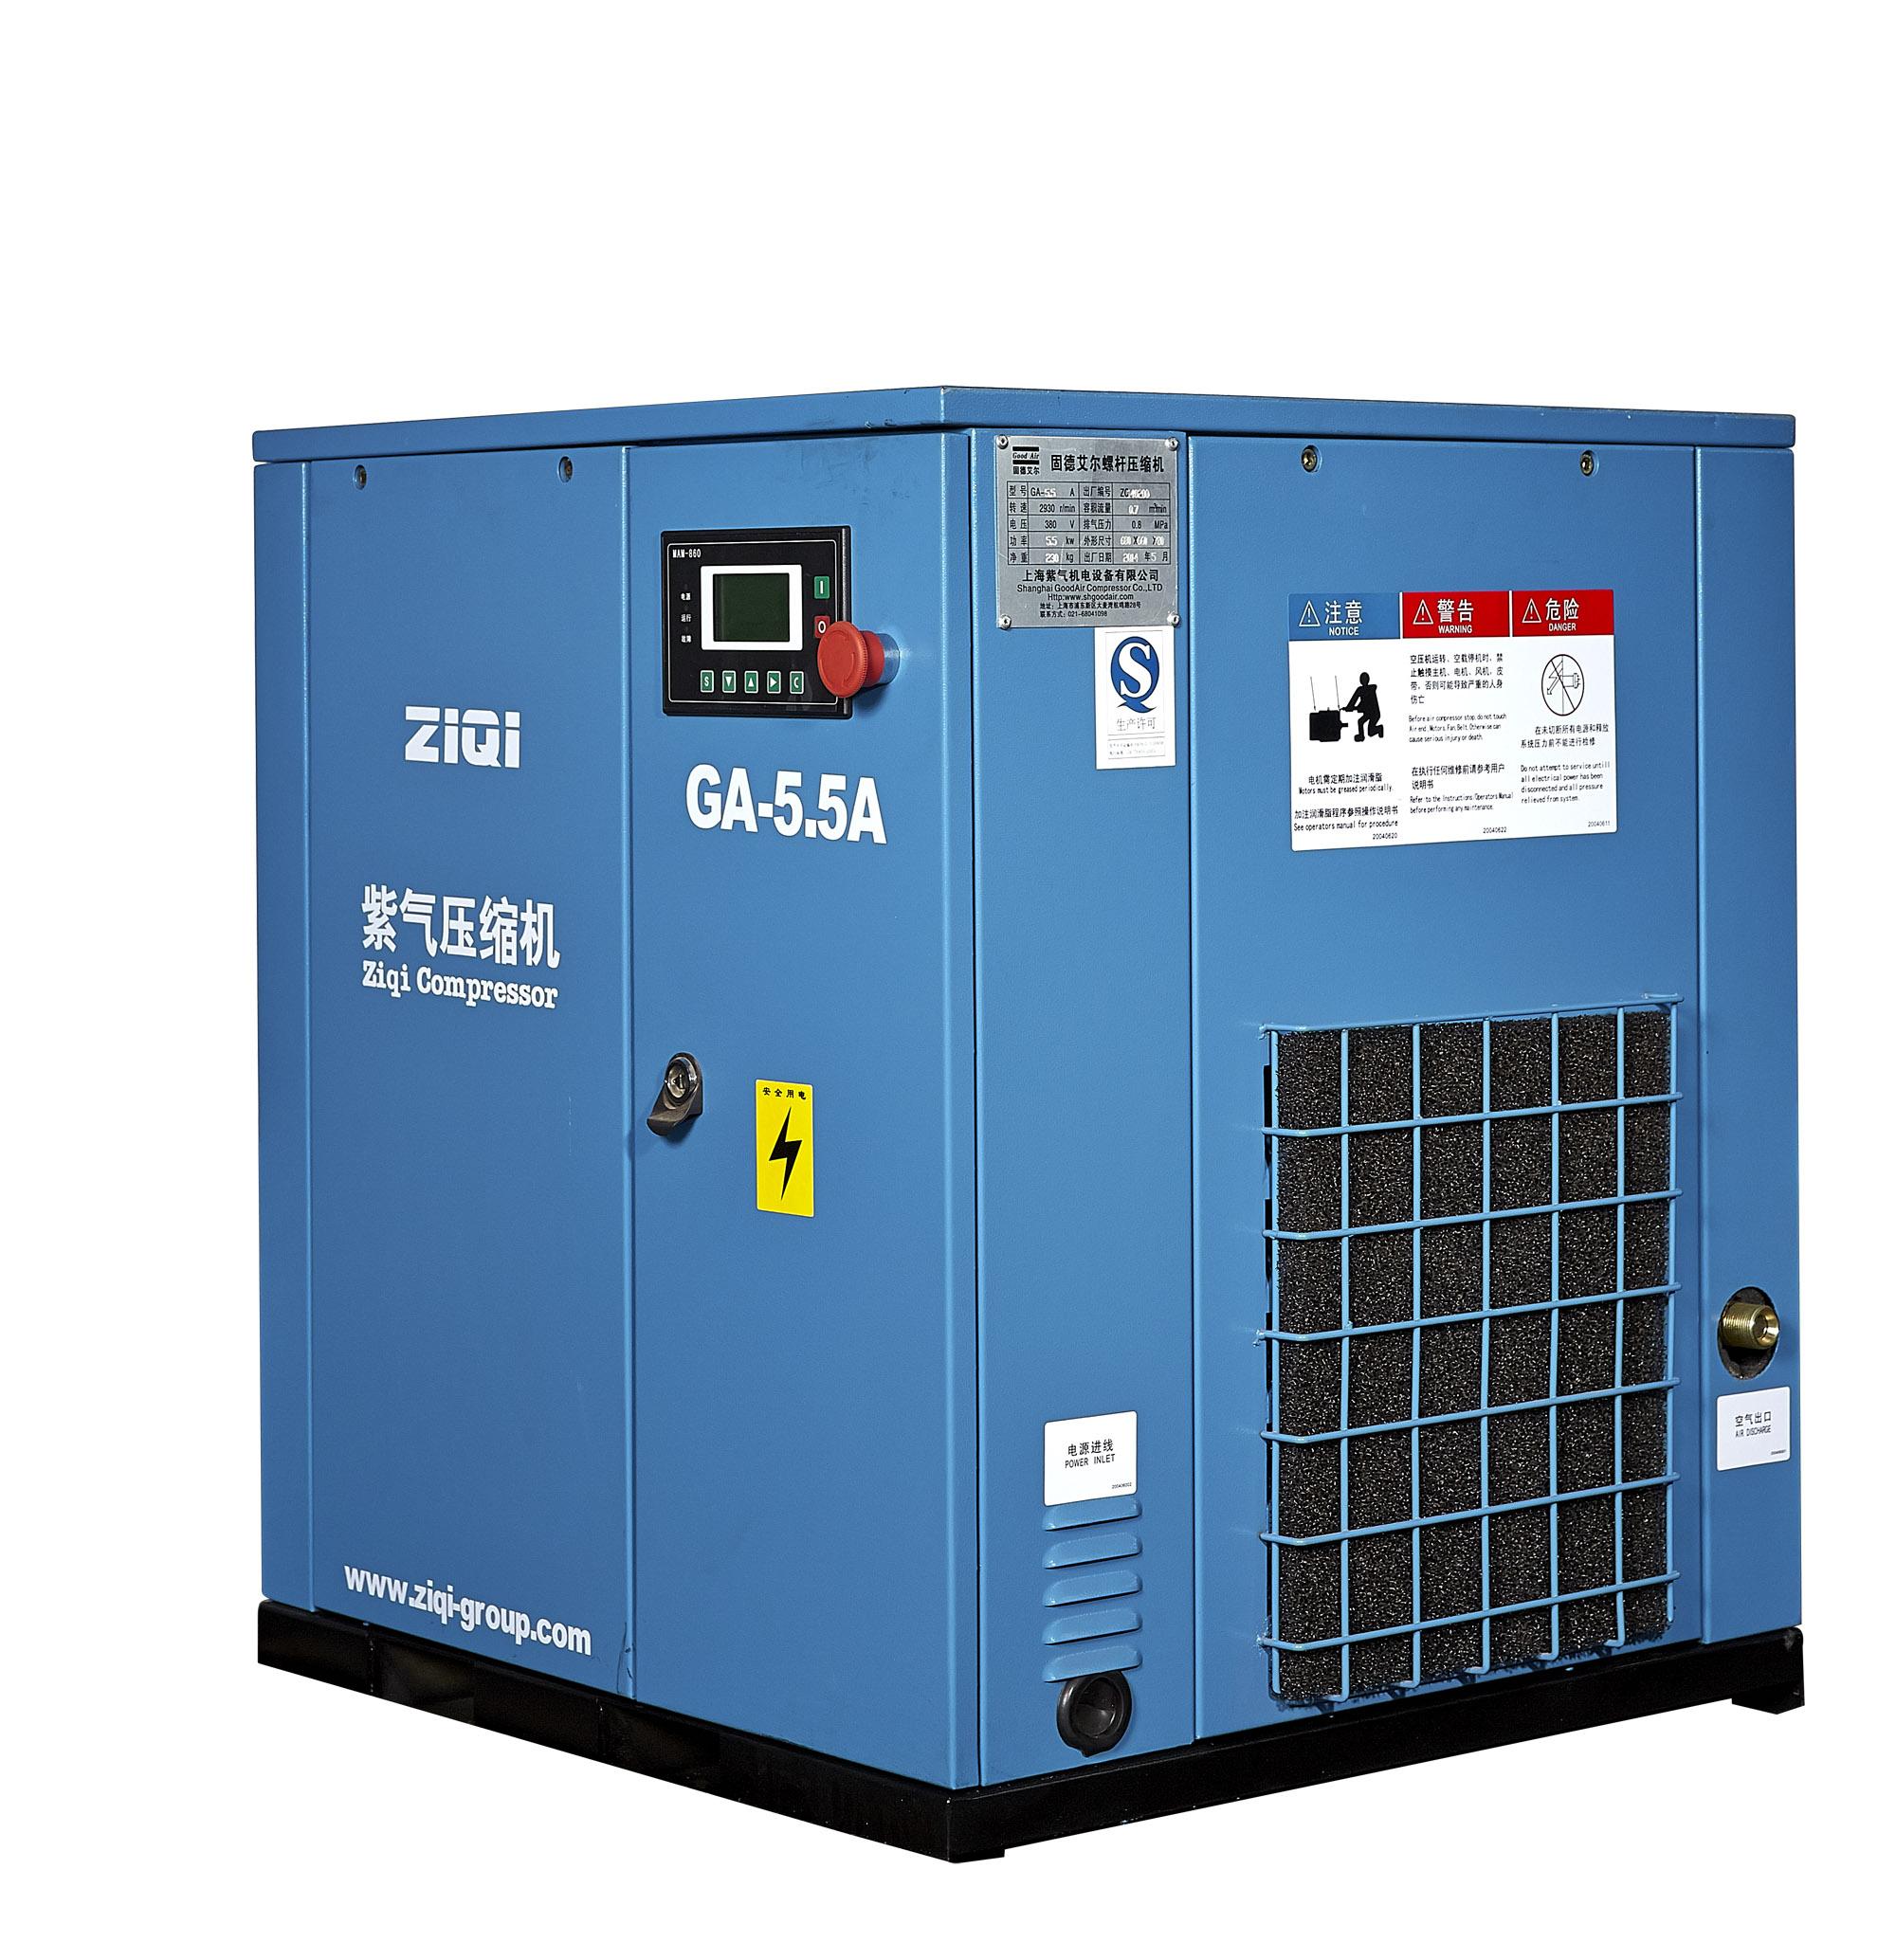 空压机型号参数 空压机型号的含义 需要多大的空压机计算